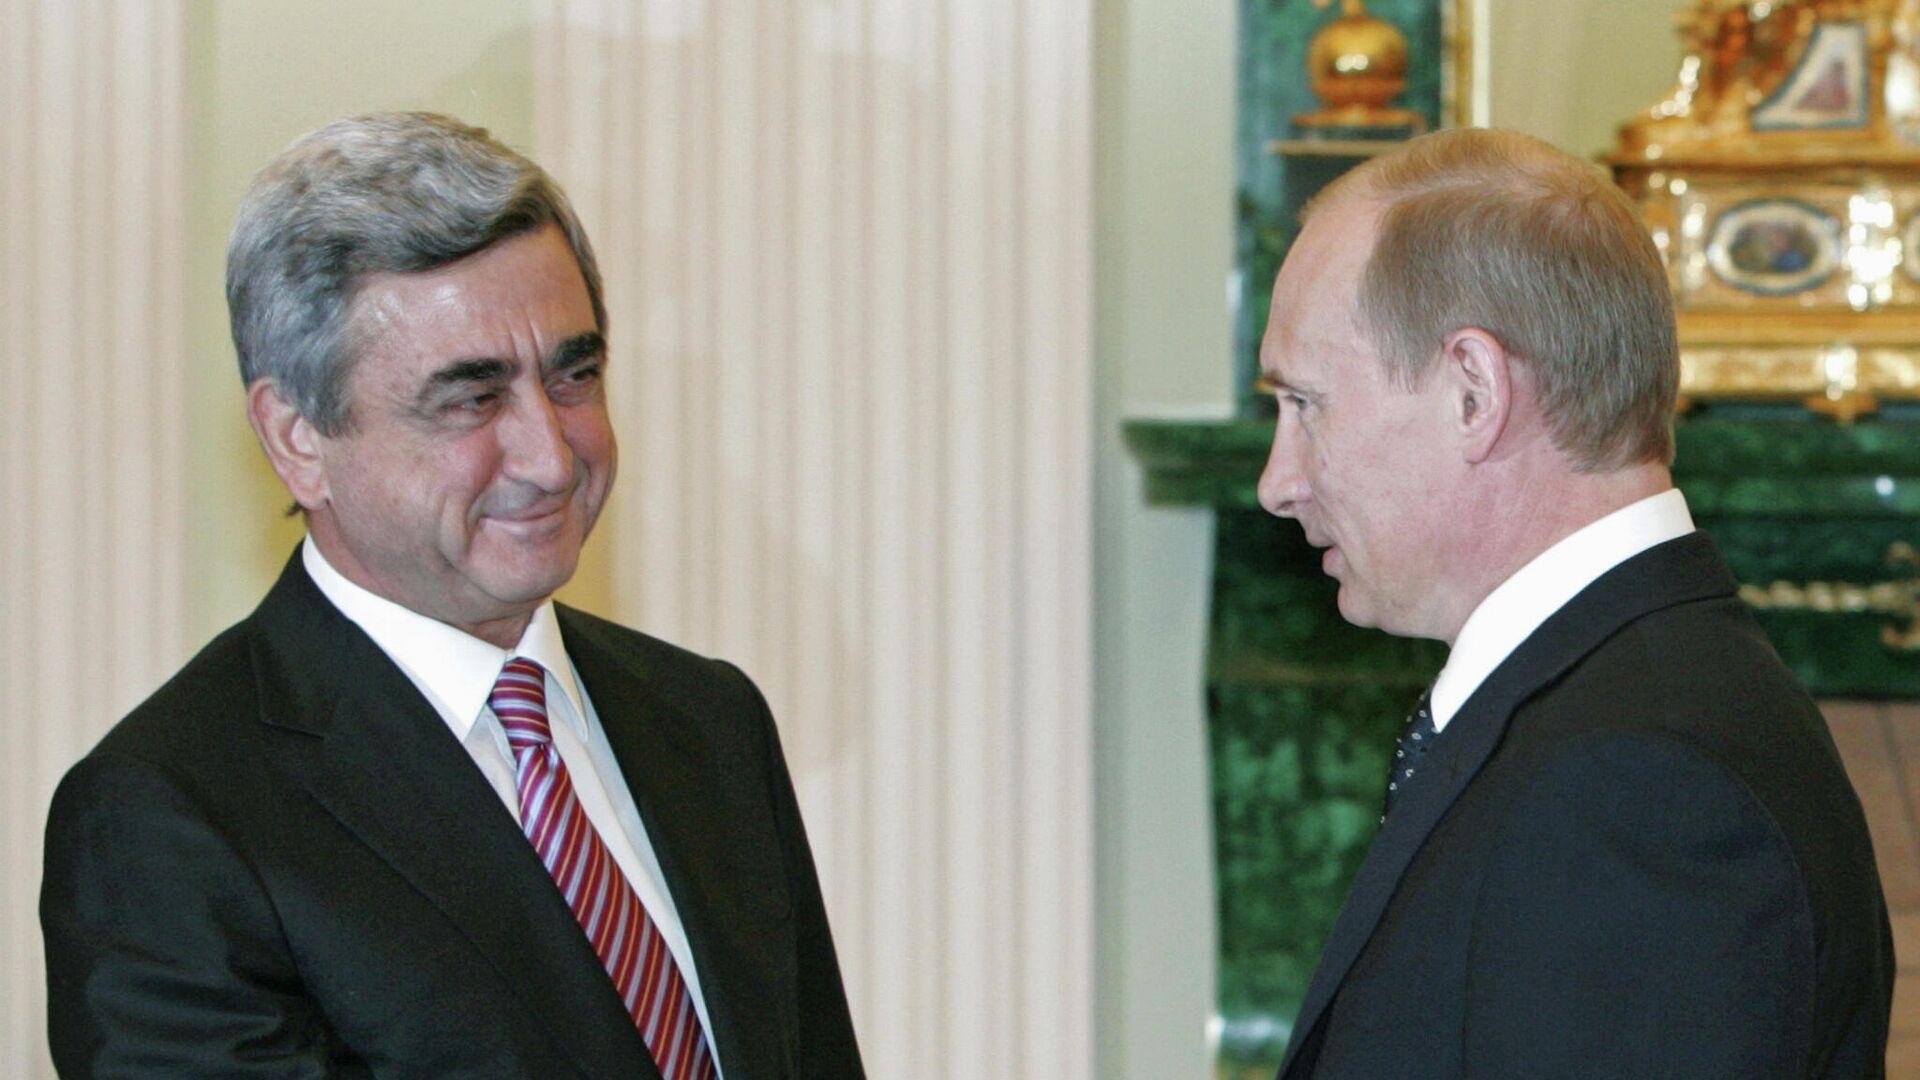 Tehdejší arménský prezident Serž Sakrisjan a Vladimir Putin v roce 2008 - Sputnik Česká republika, 1920, 09.06.2021